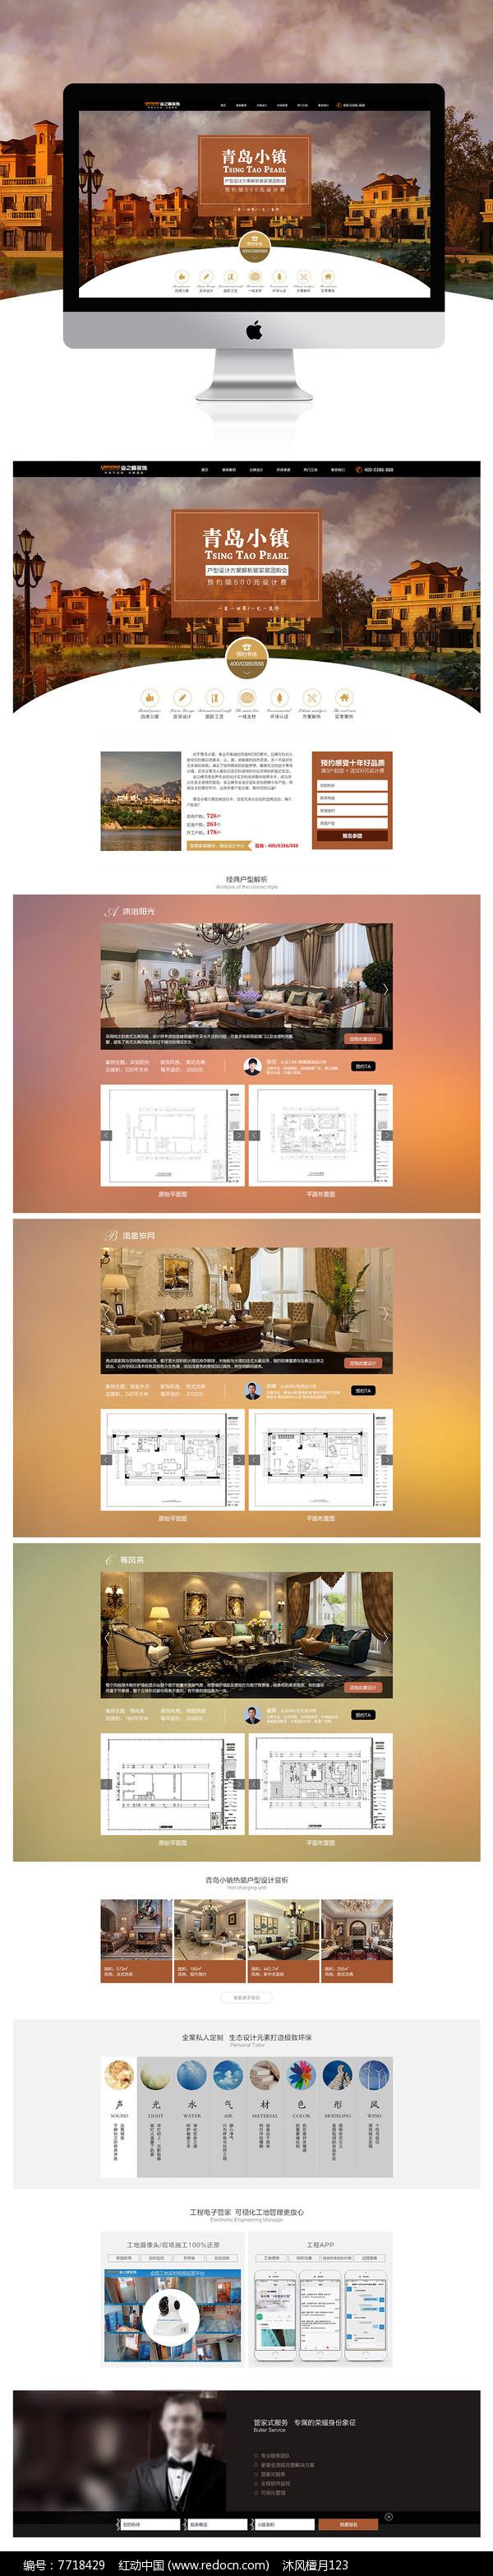 装修公司地产行业网页设计图片